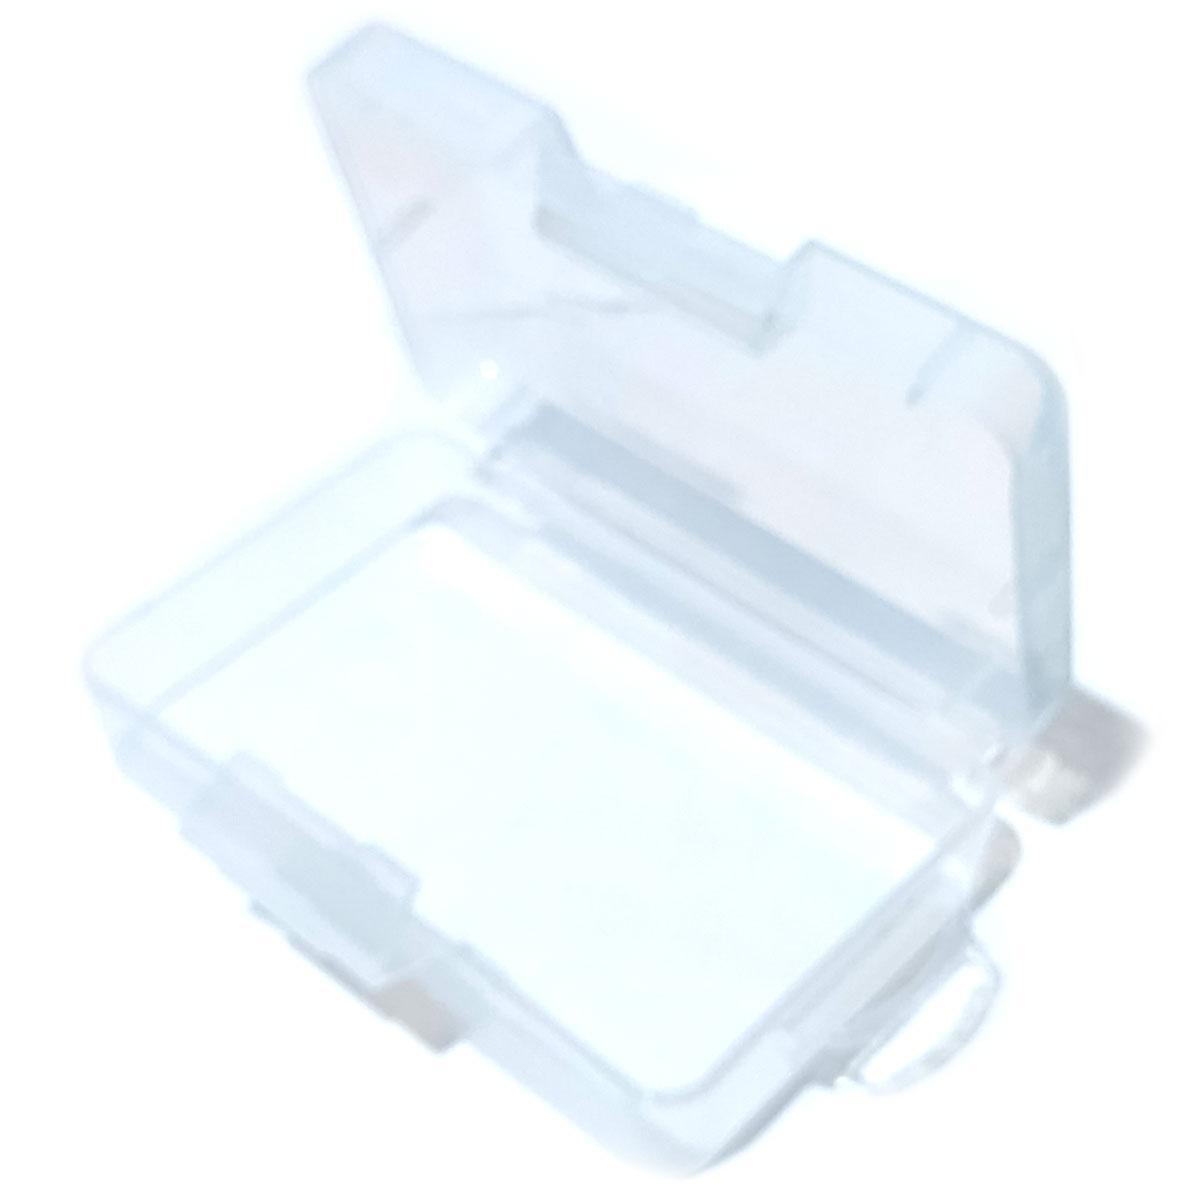 Caixa Organizadora 14 cm x 8,5cm x 3,5cm